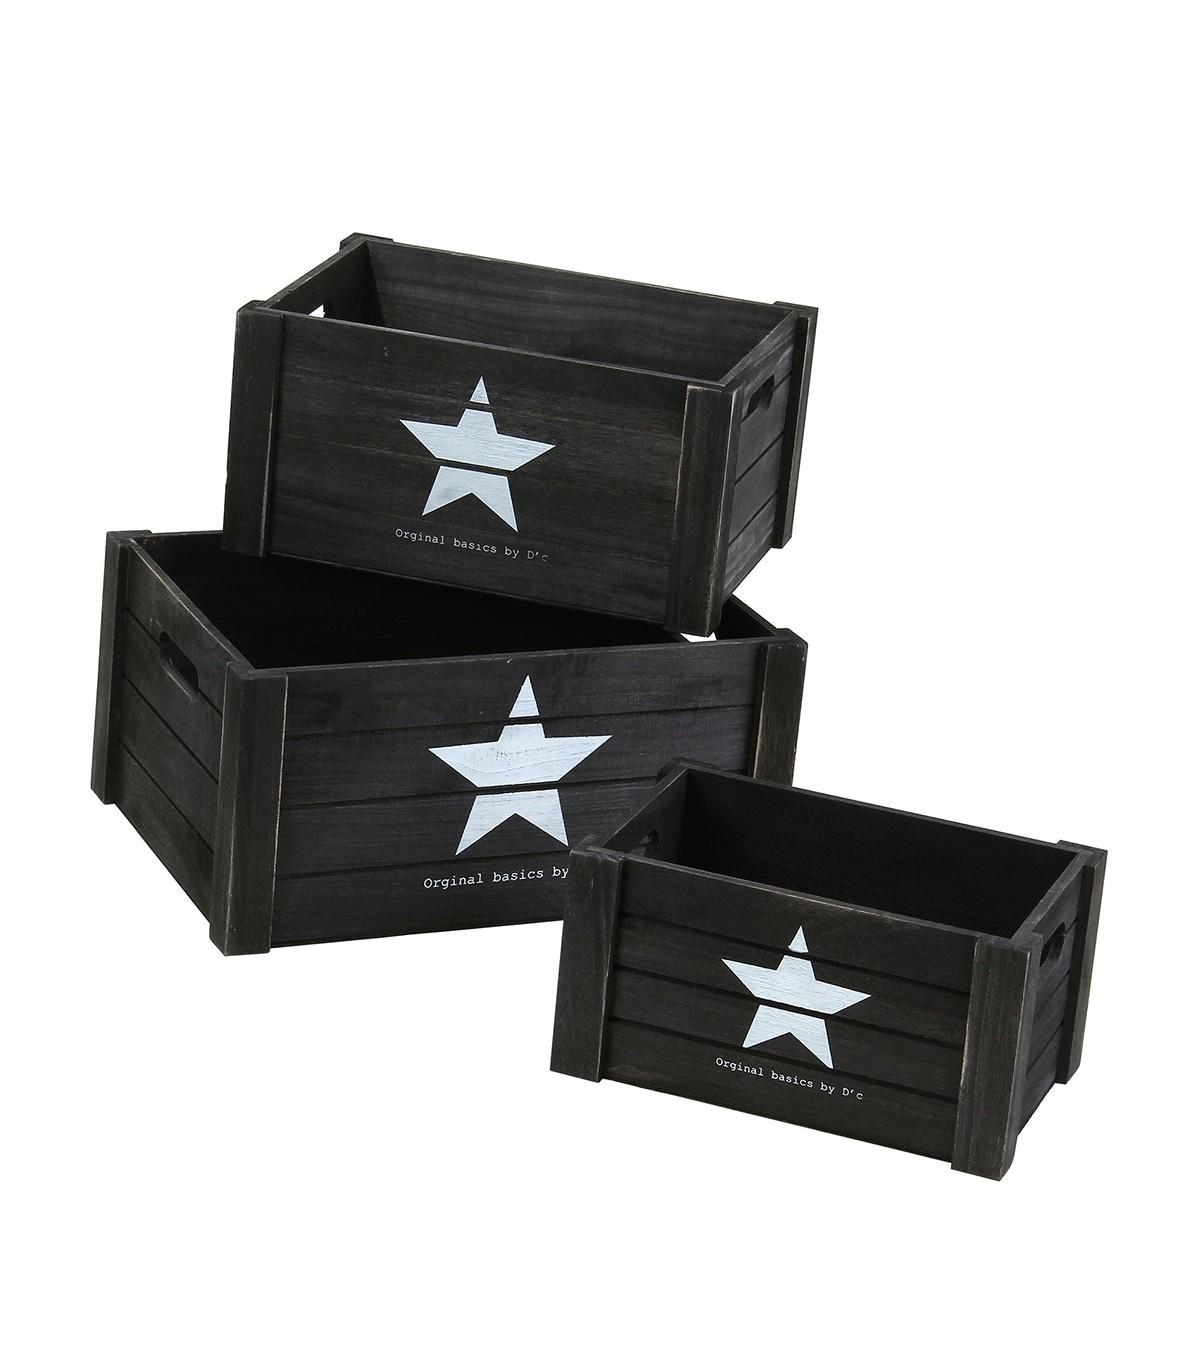 Lot de 3 cubes en bois empilables avec poignées motif étoile - Noir